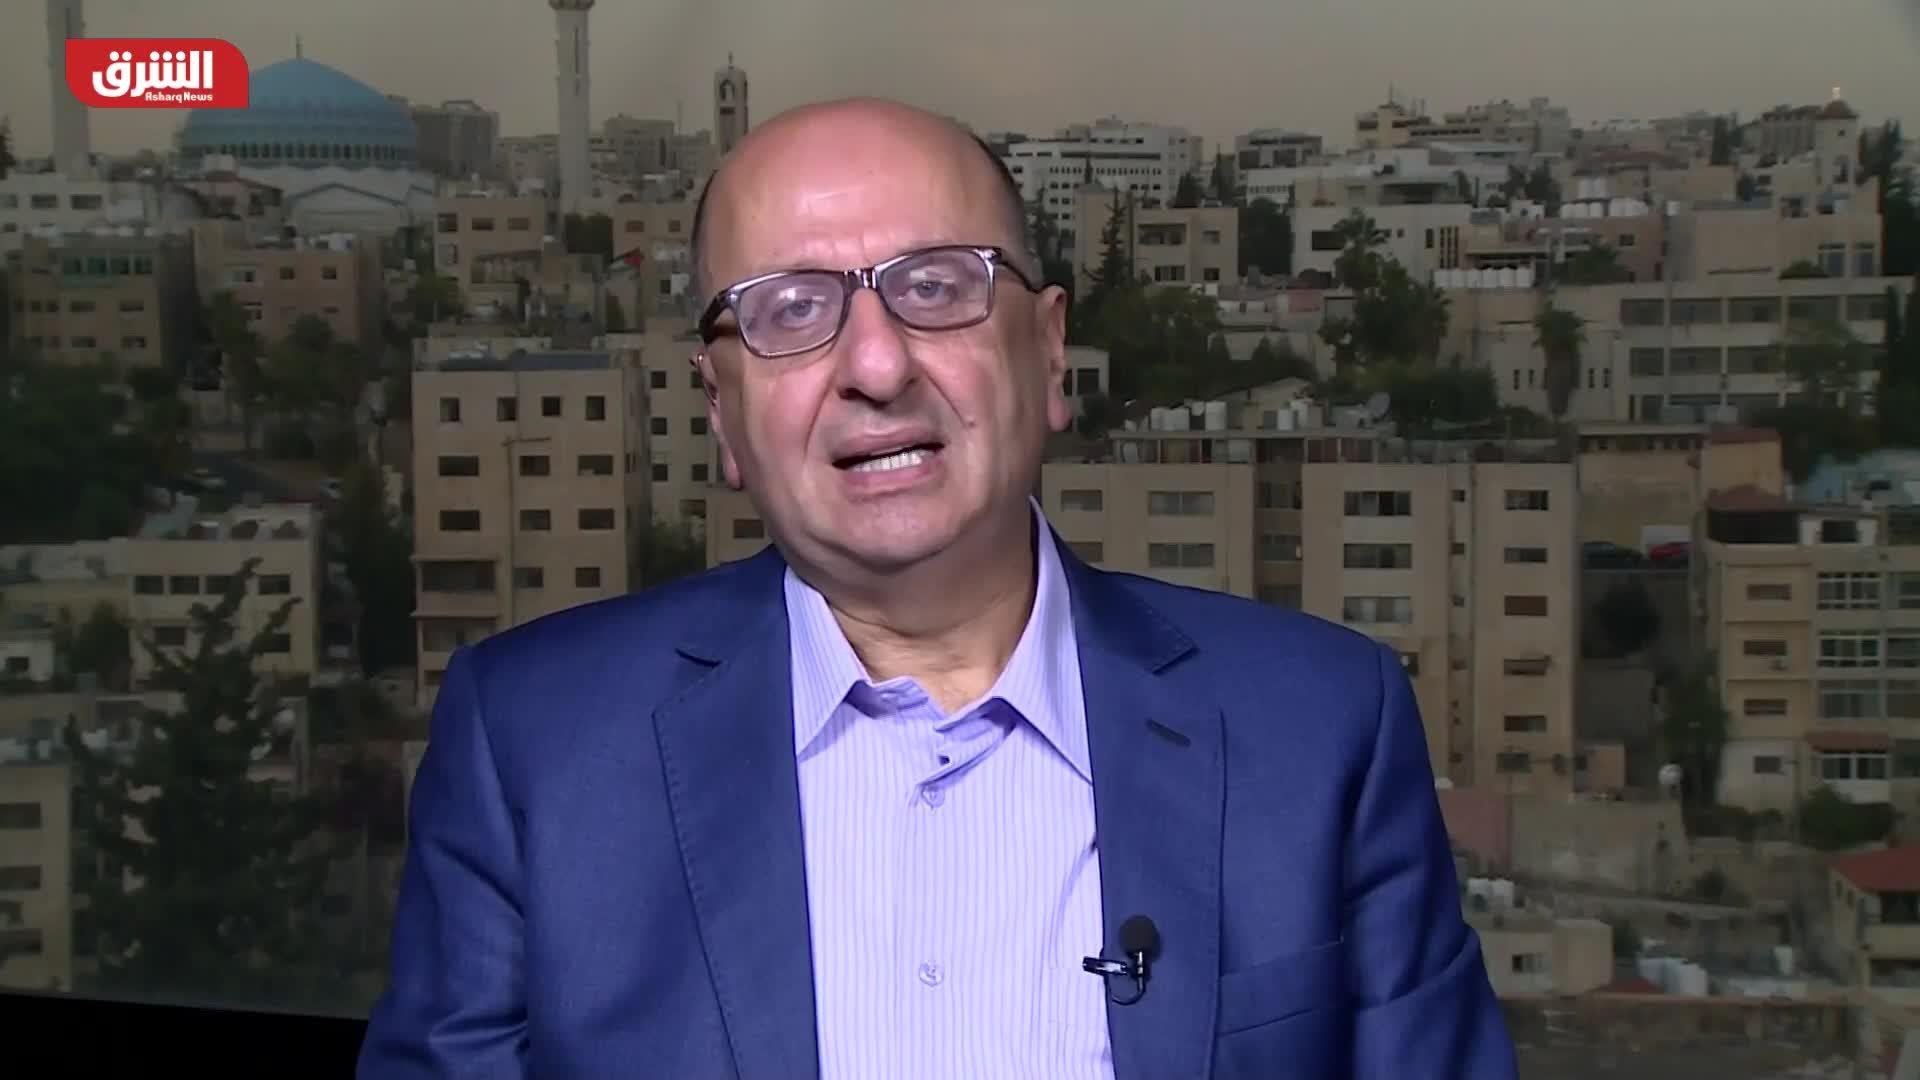 ما هو سقف أي تقارب محتمل بين سوريا والأردن؟